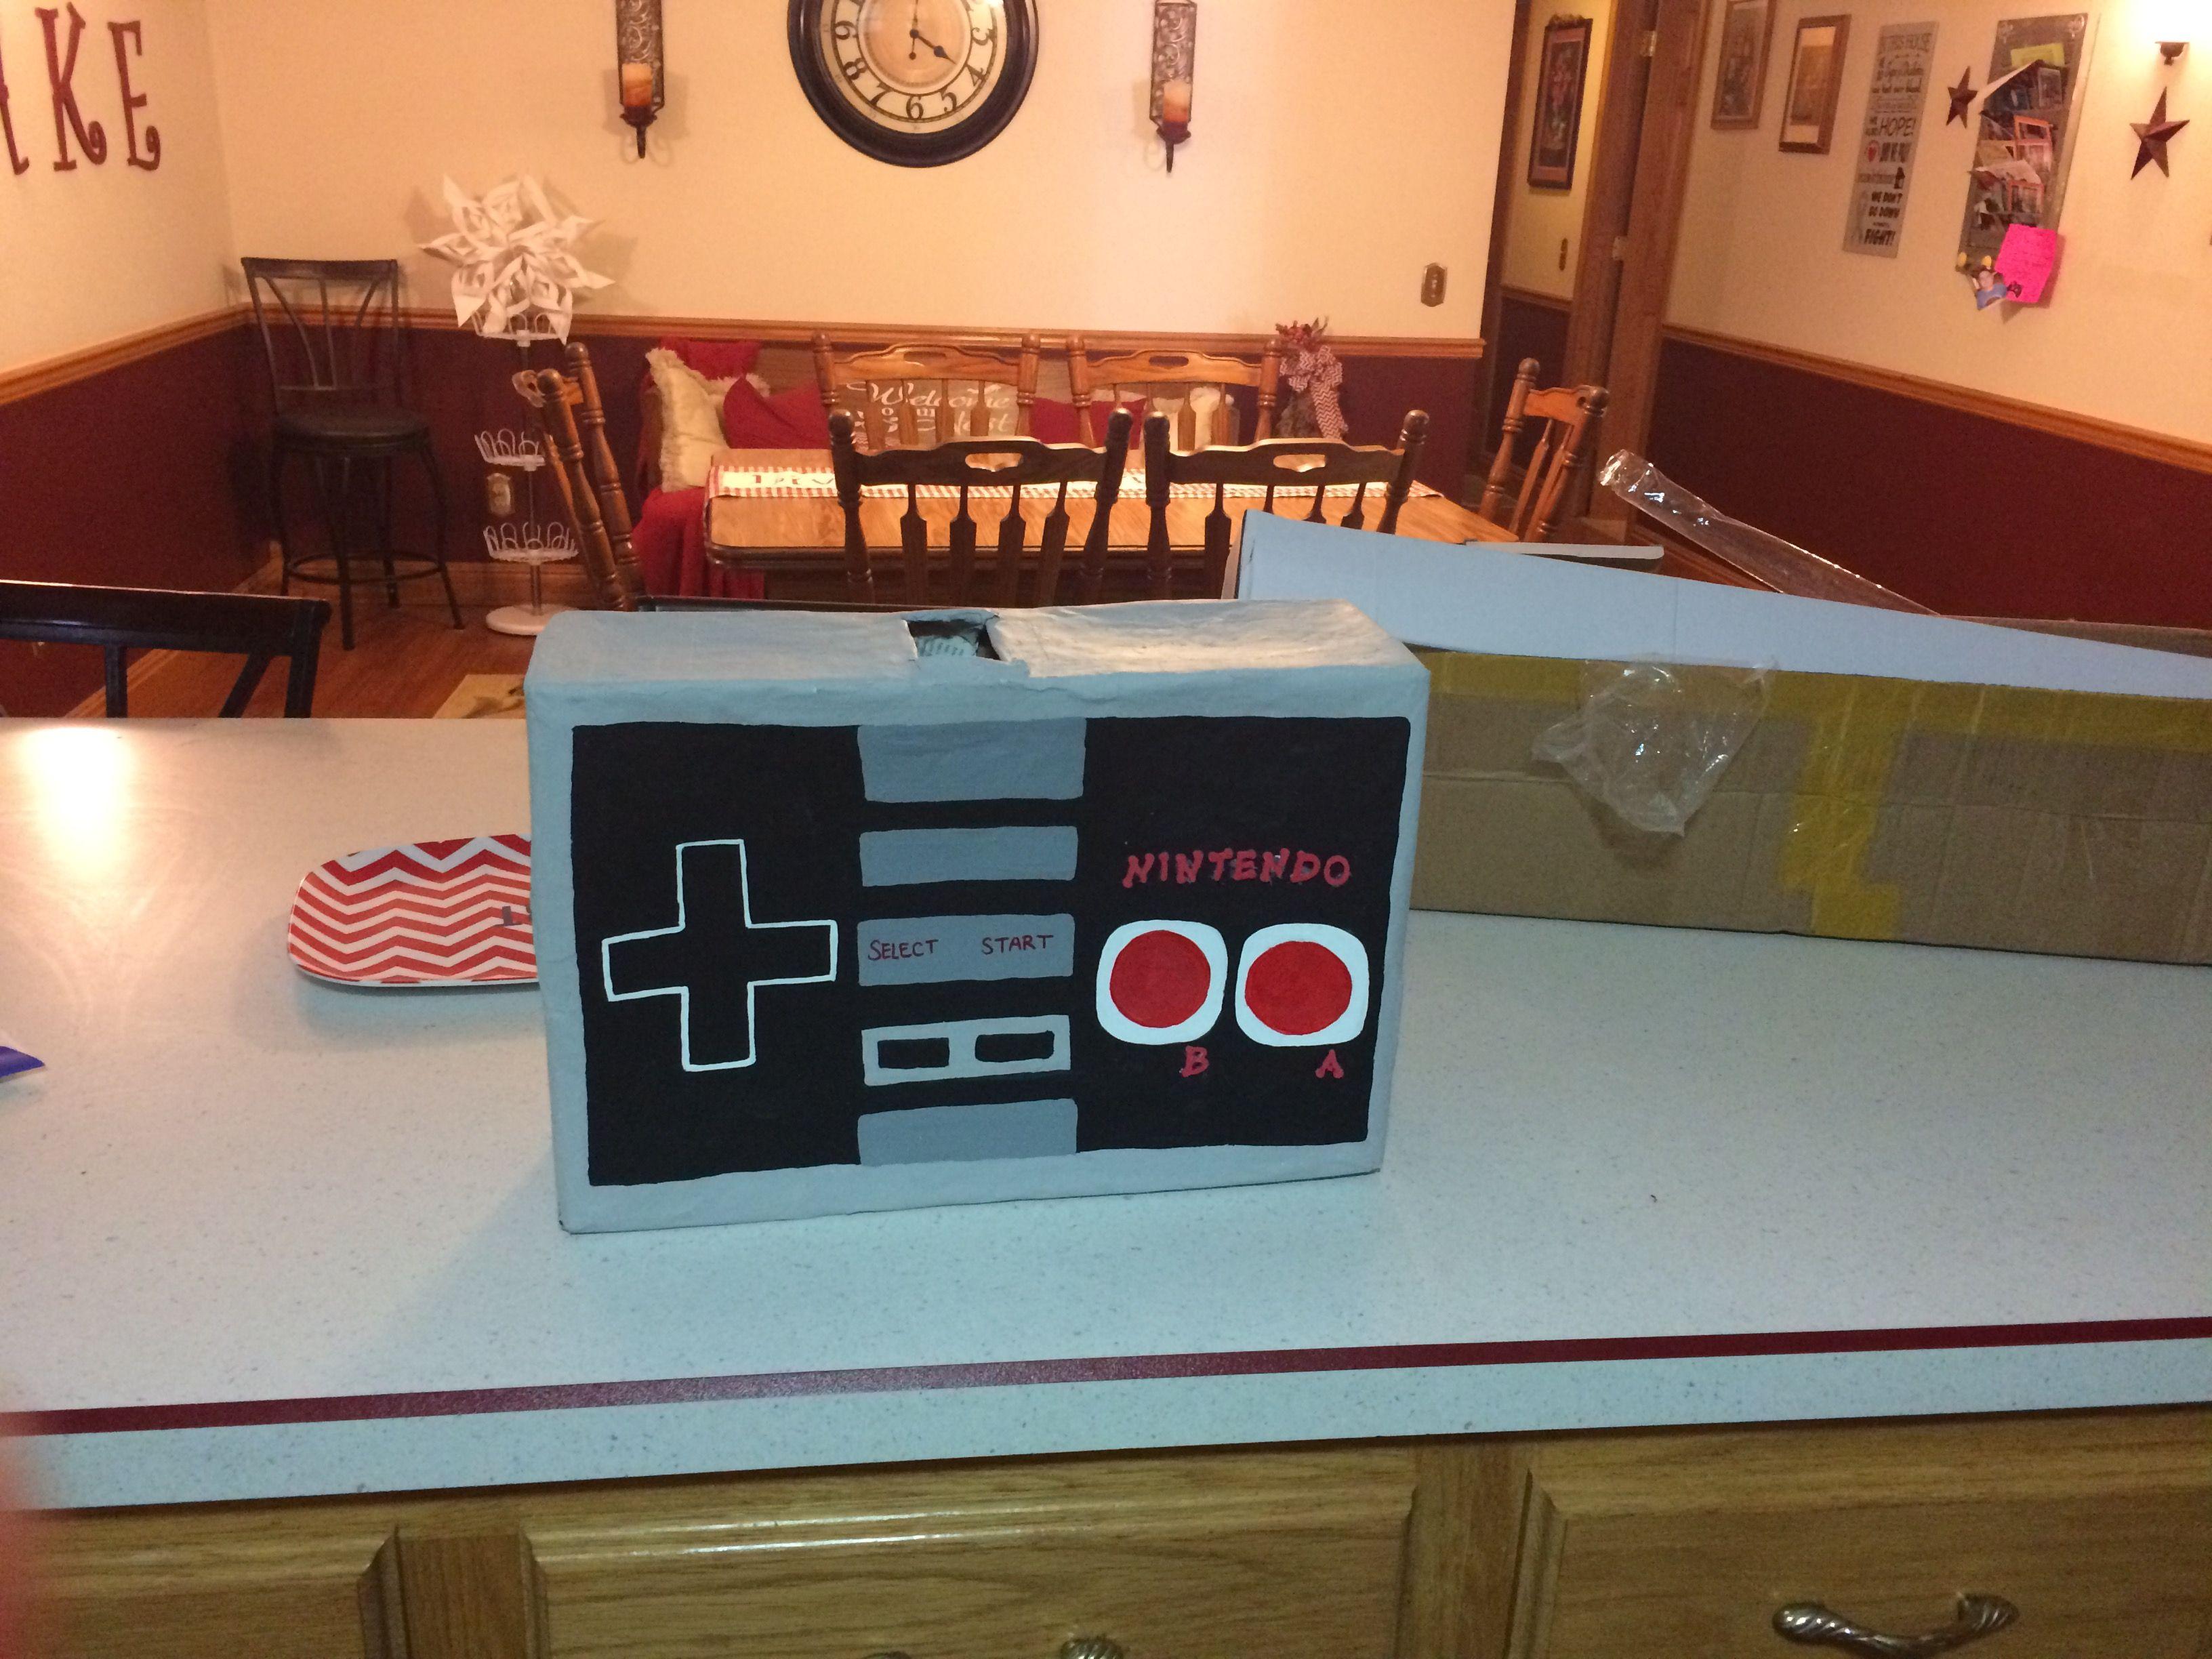 Nintendo controller piñata (With images) | Nintendo ...